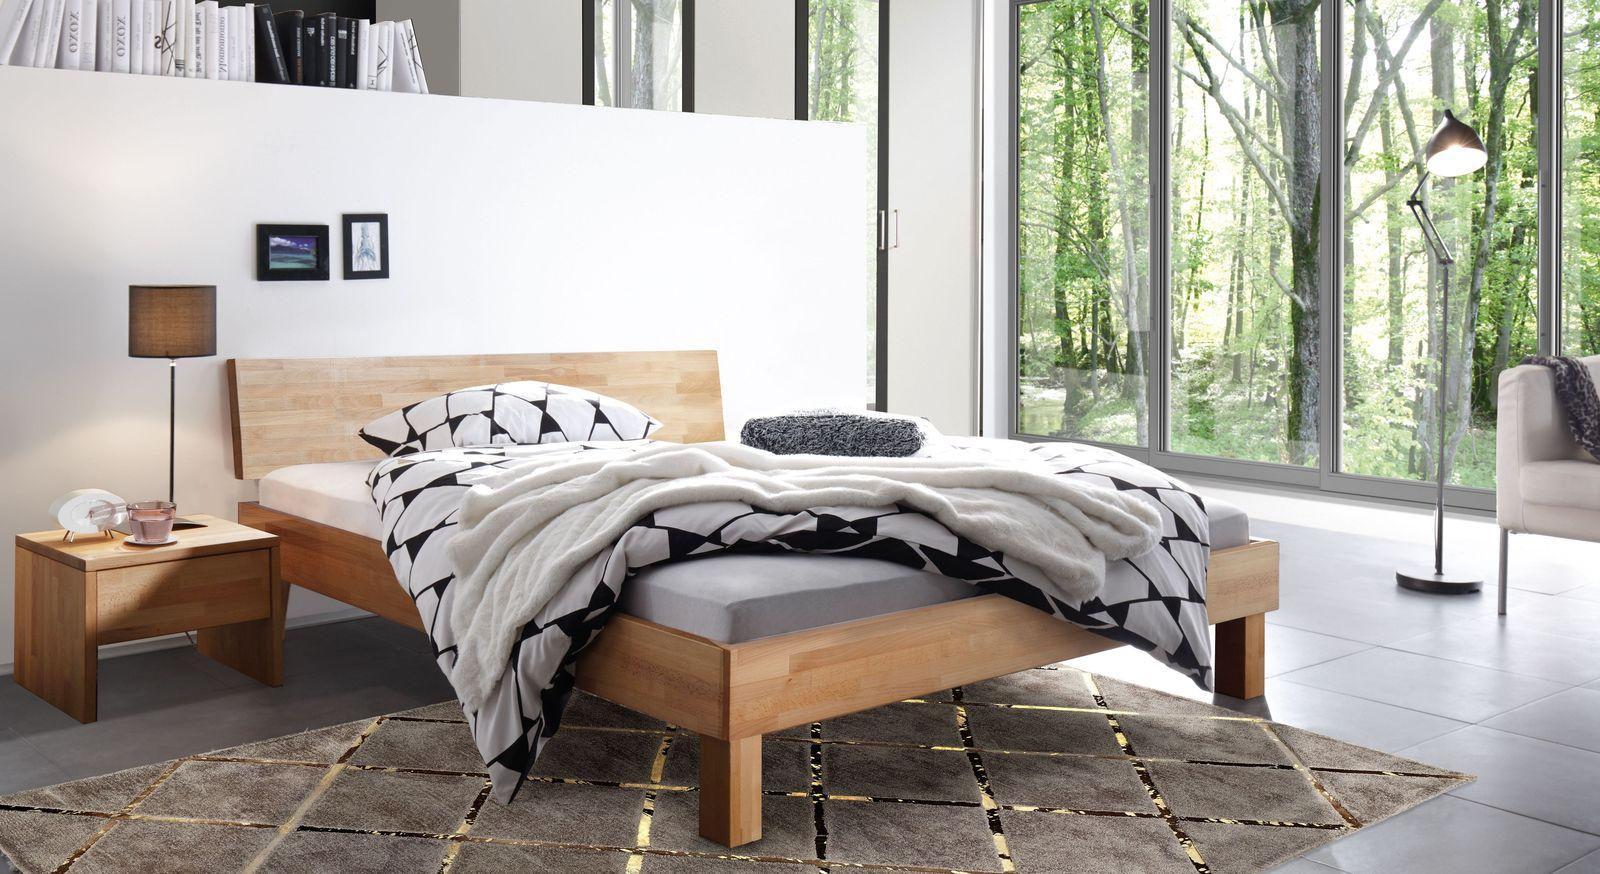 Passende Produkte zum Bett Luzern